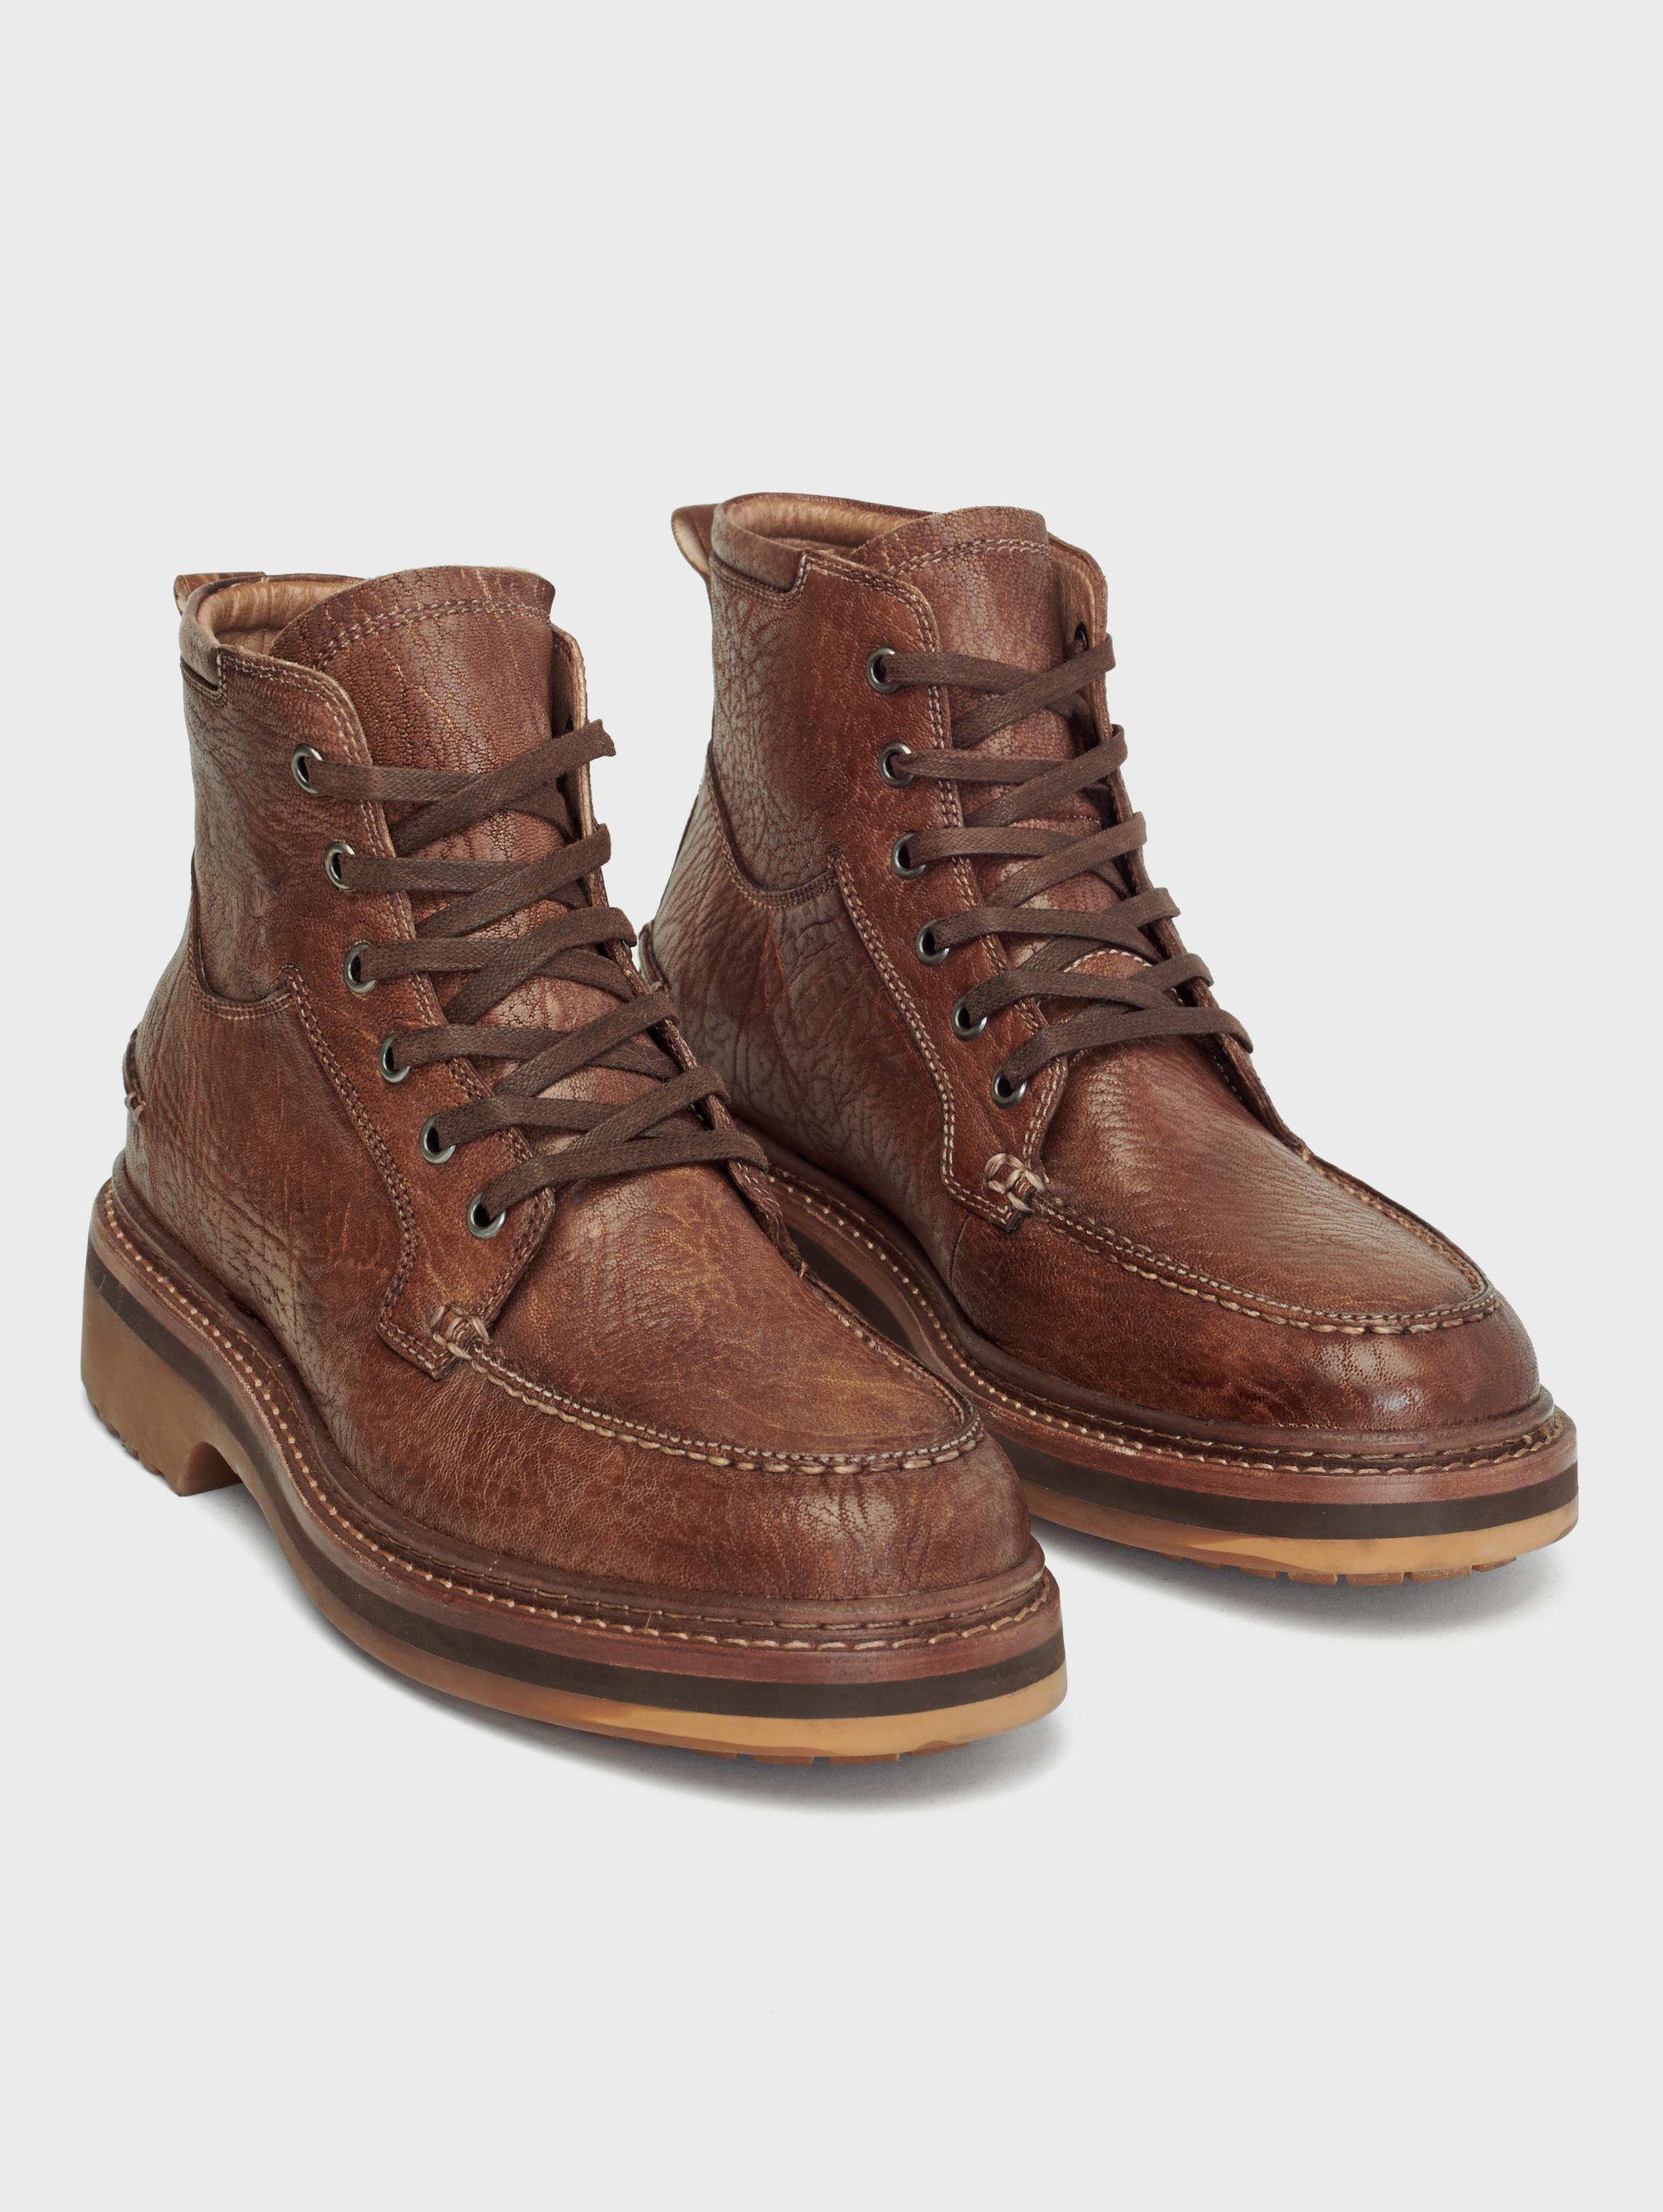 John Varvatos Cooper Apron Boots Mocha